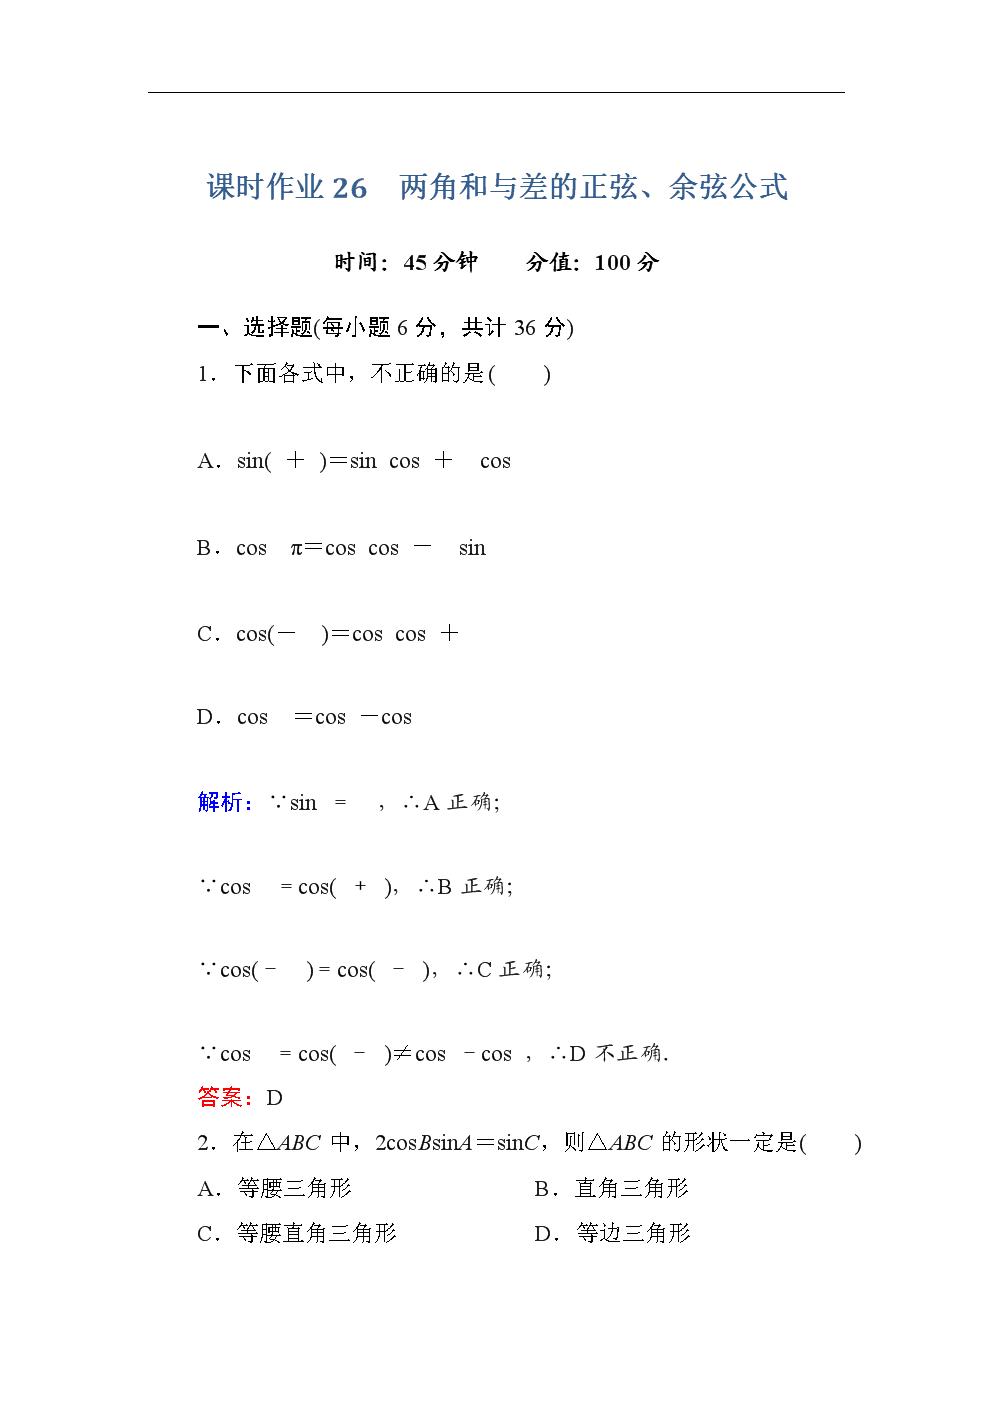 人教A版高中数学必修4课时作业26角和与差的正弦、余弦公式(附答案).doc